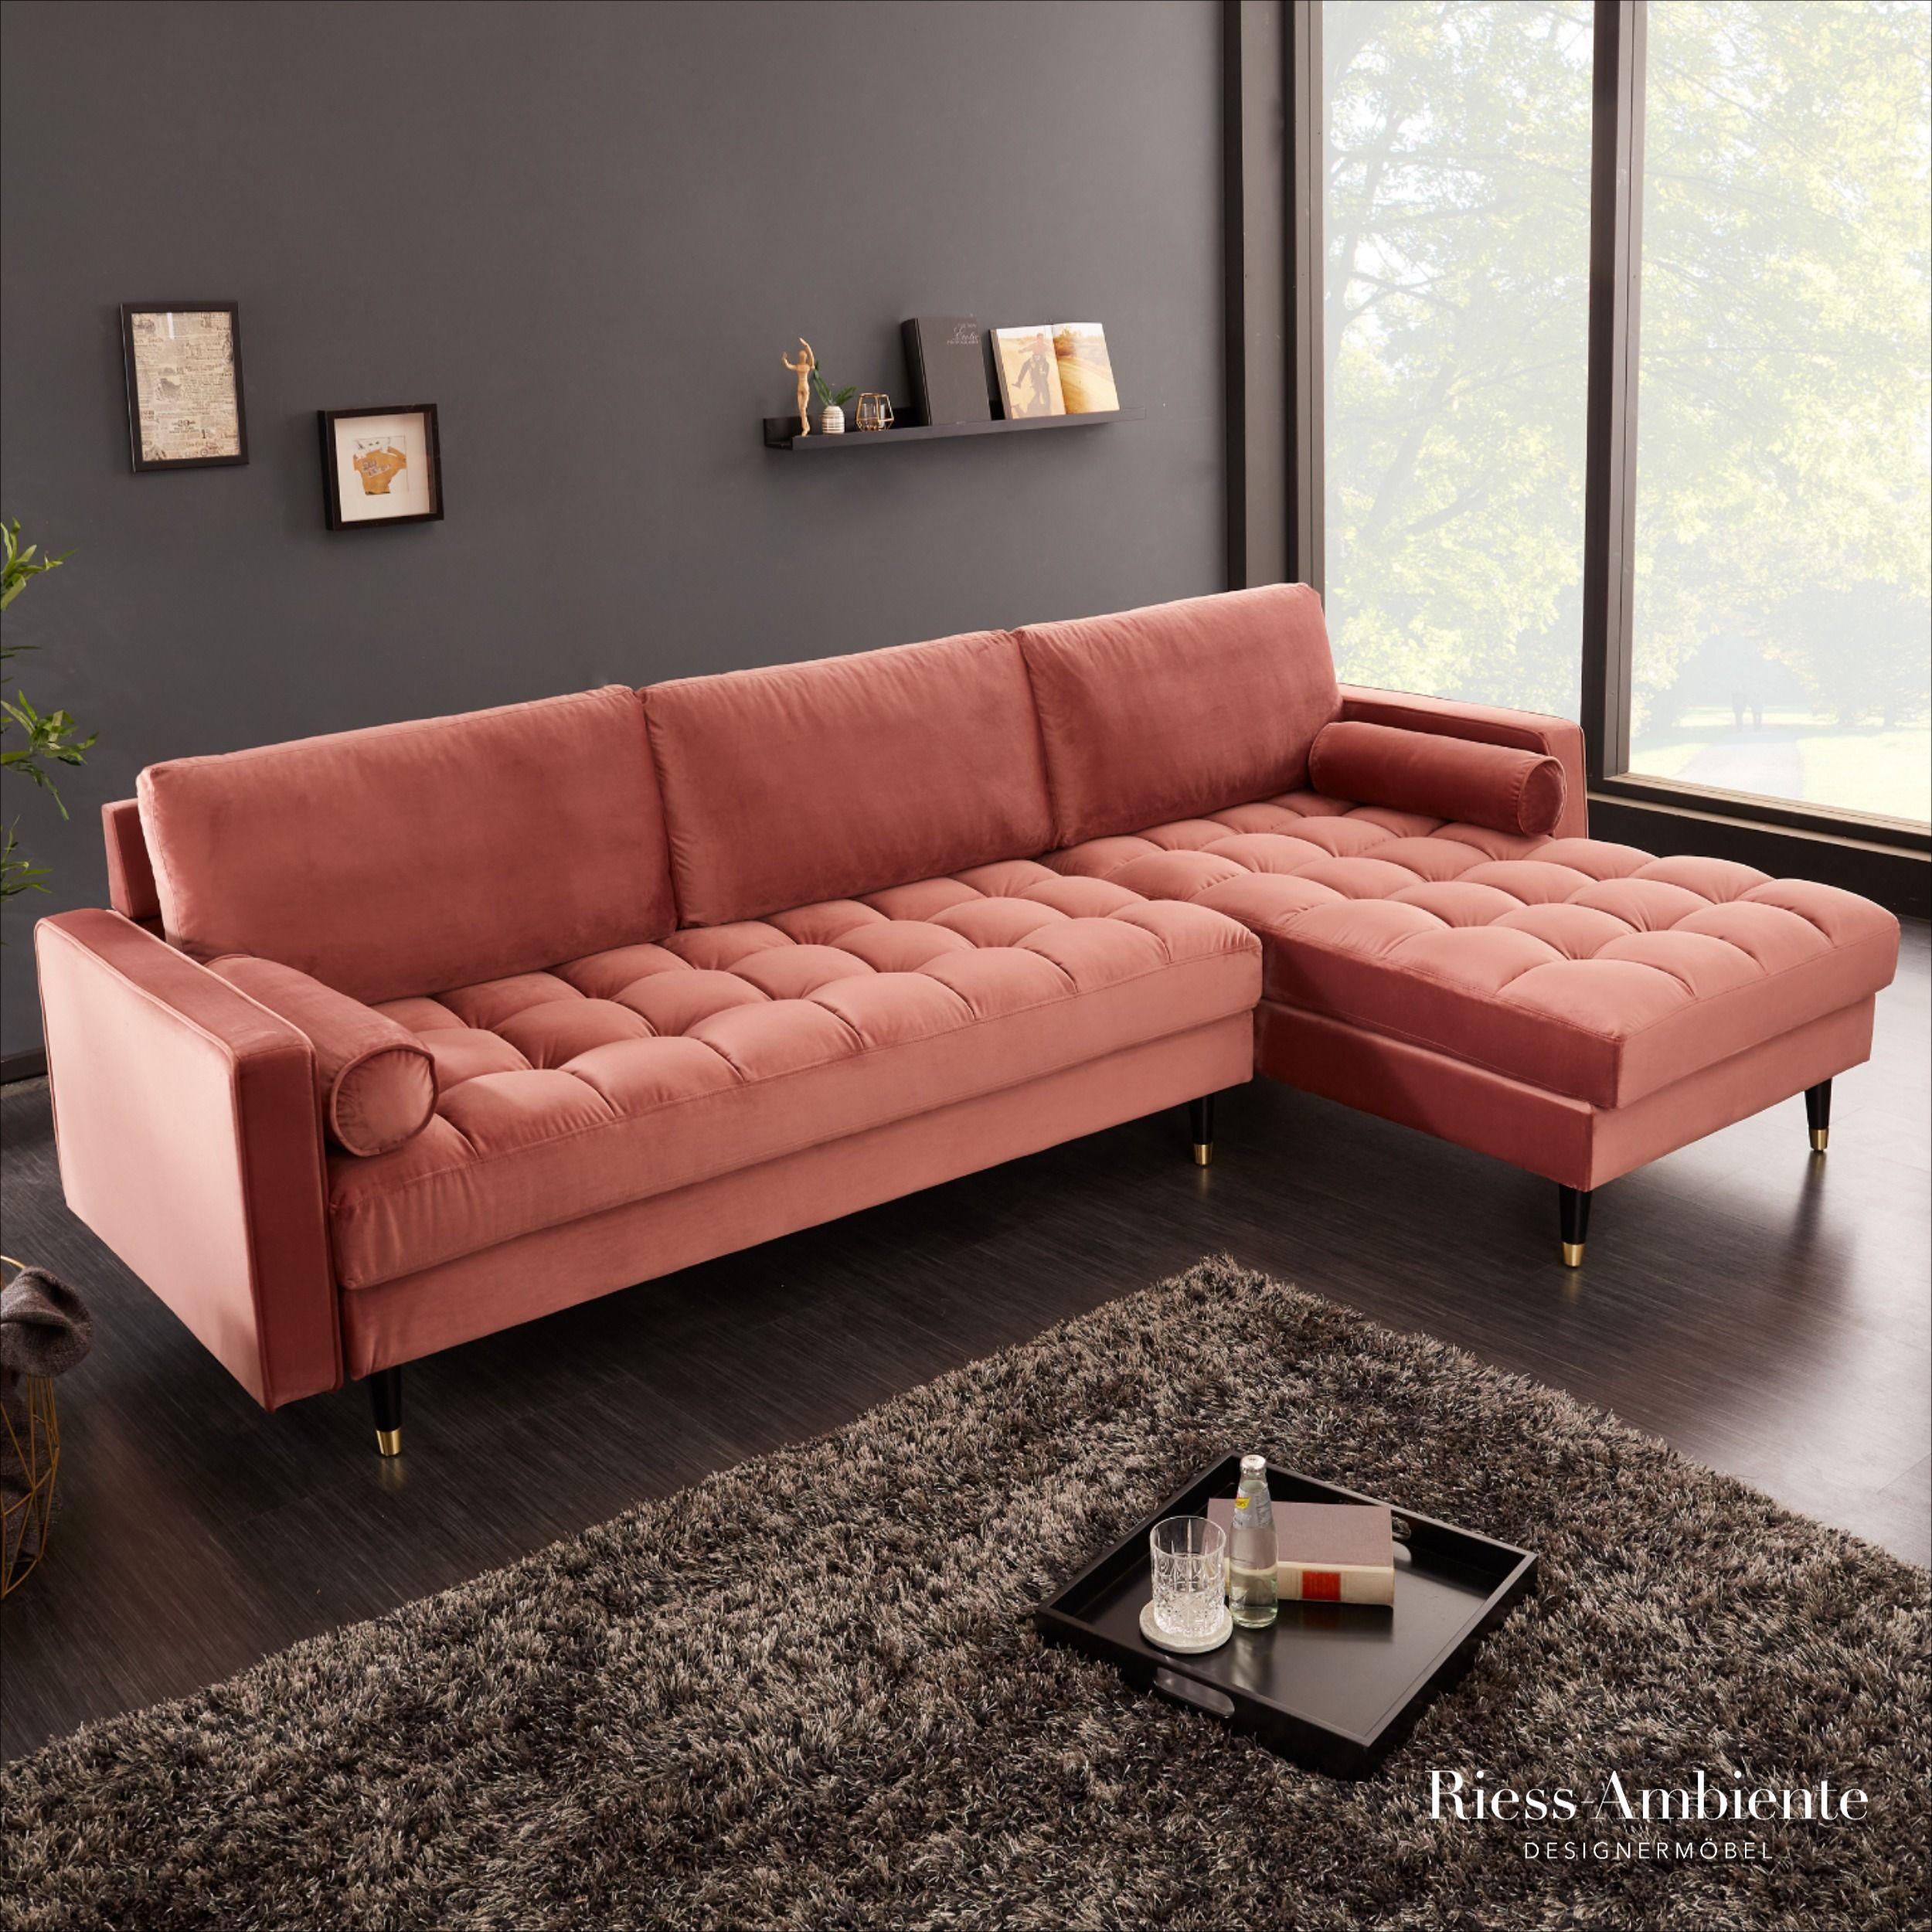 Elegantes Ecksofa Cozy Velvet 260cm Altrosa Samt Federkern 3er Sofa In 2020 3er Sofa Ecksofa Schlafzimmer Design